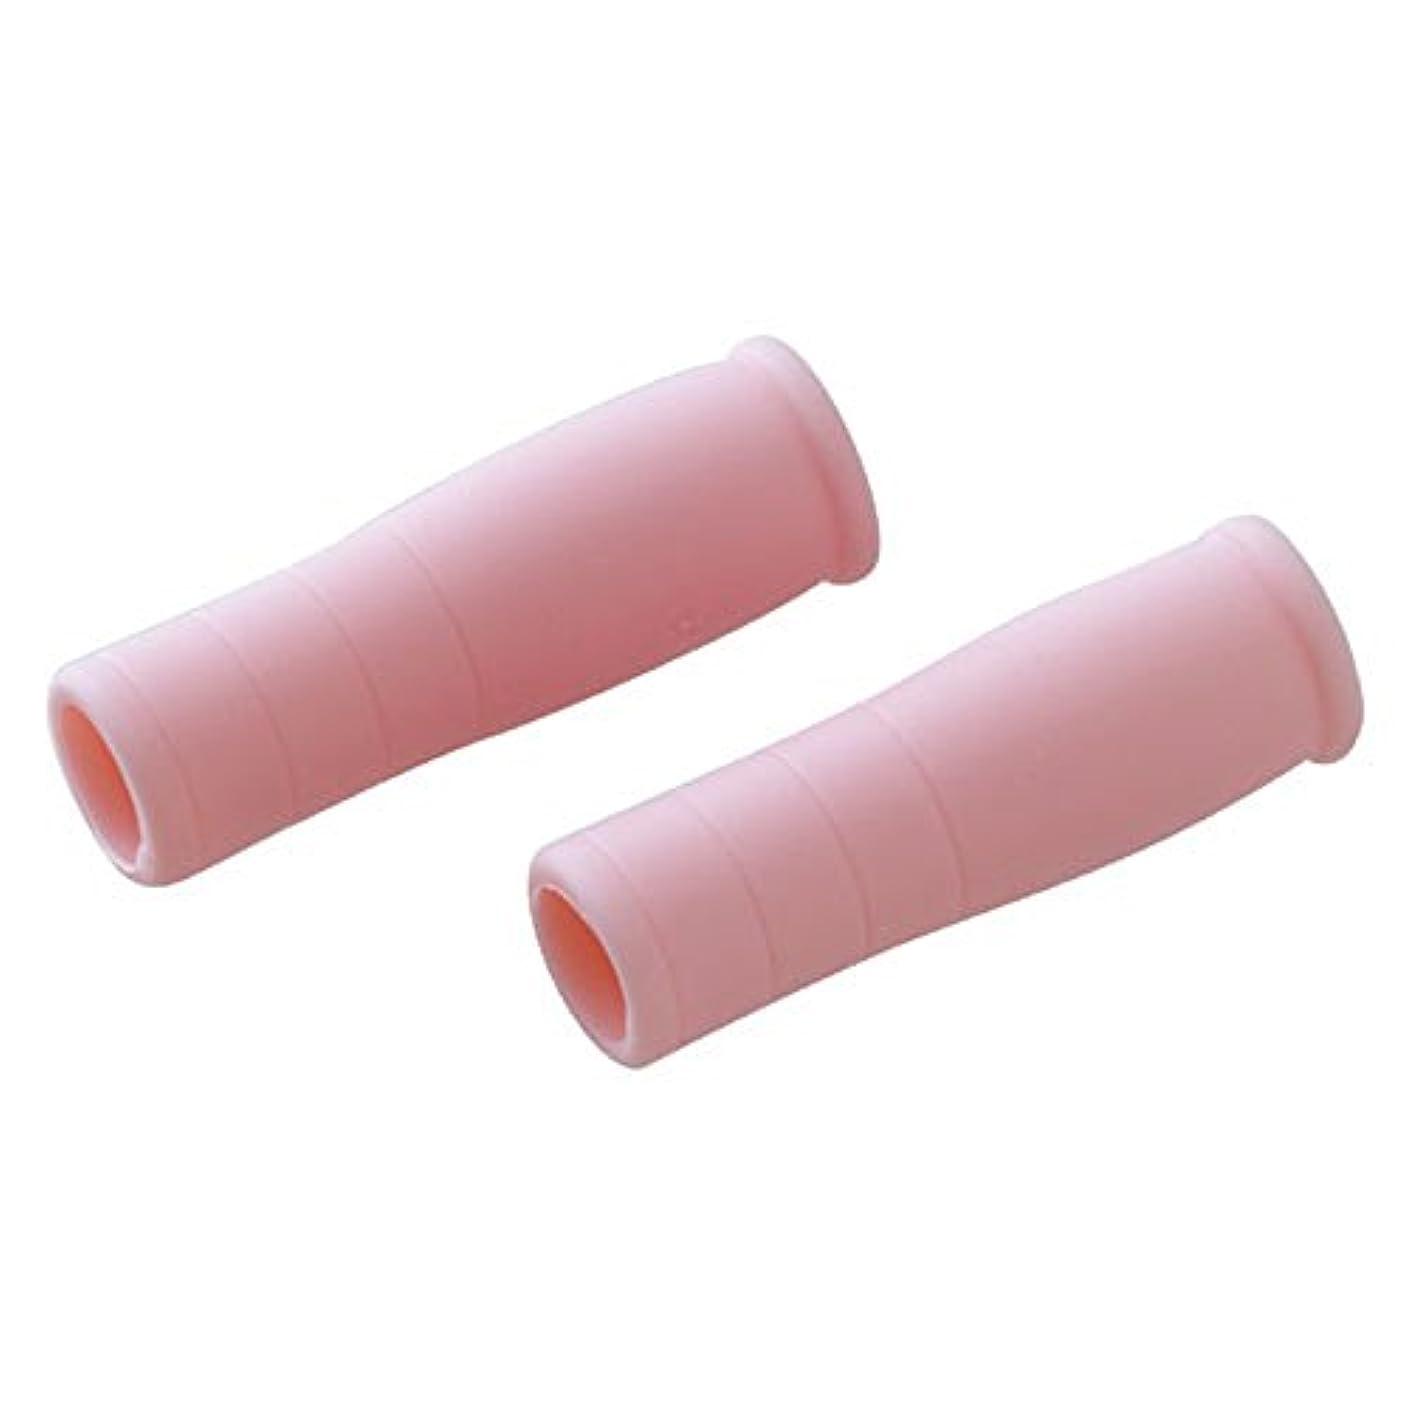 暴露する素晴らしき免疫するニッパーキャップピンク